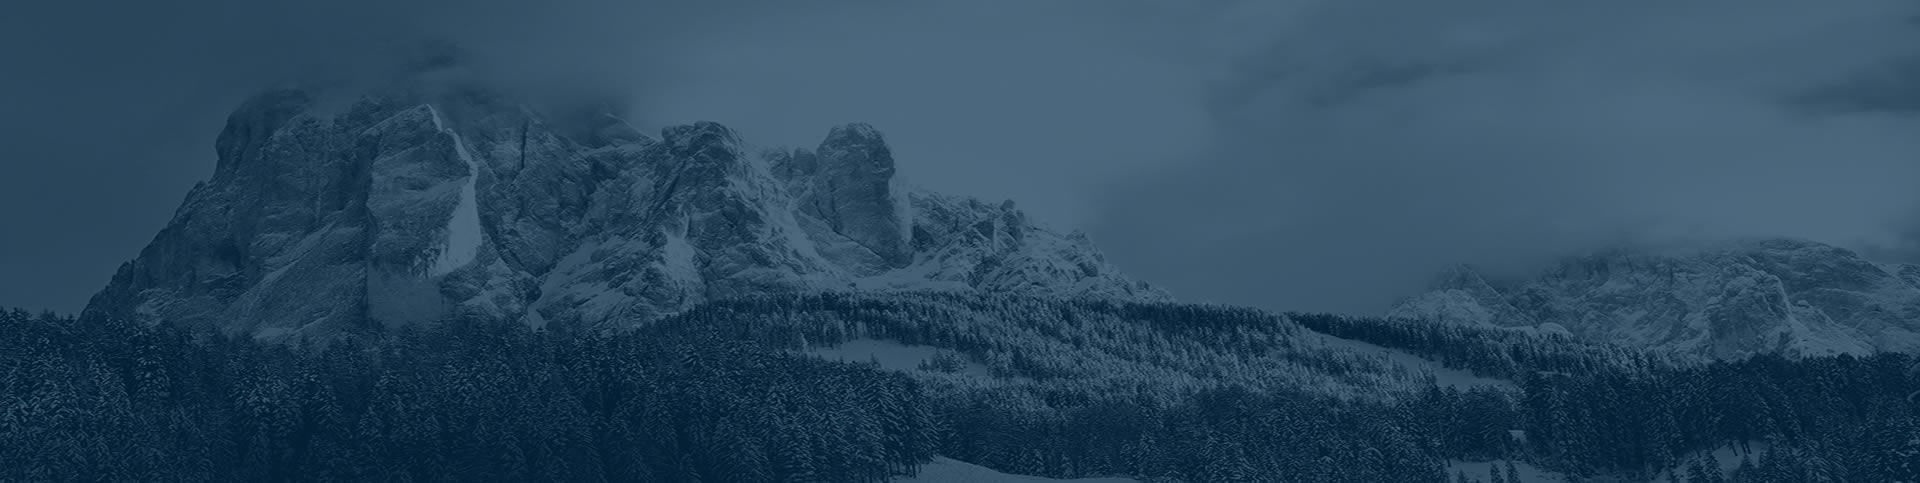 Тест на скорость: как выжать все из вашего VPN-соединения